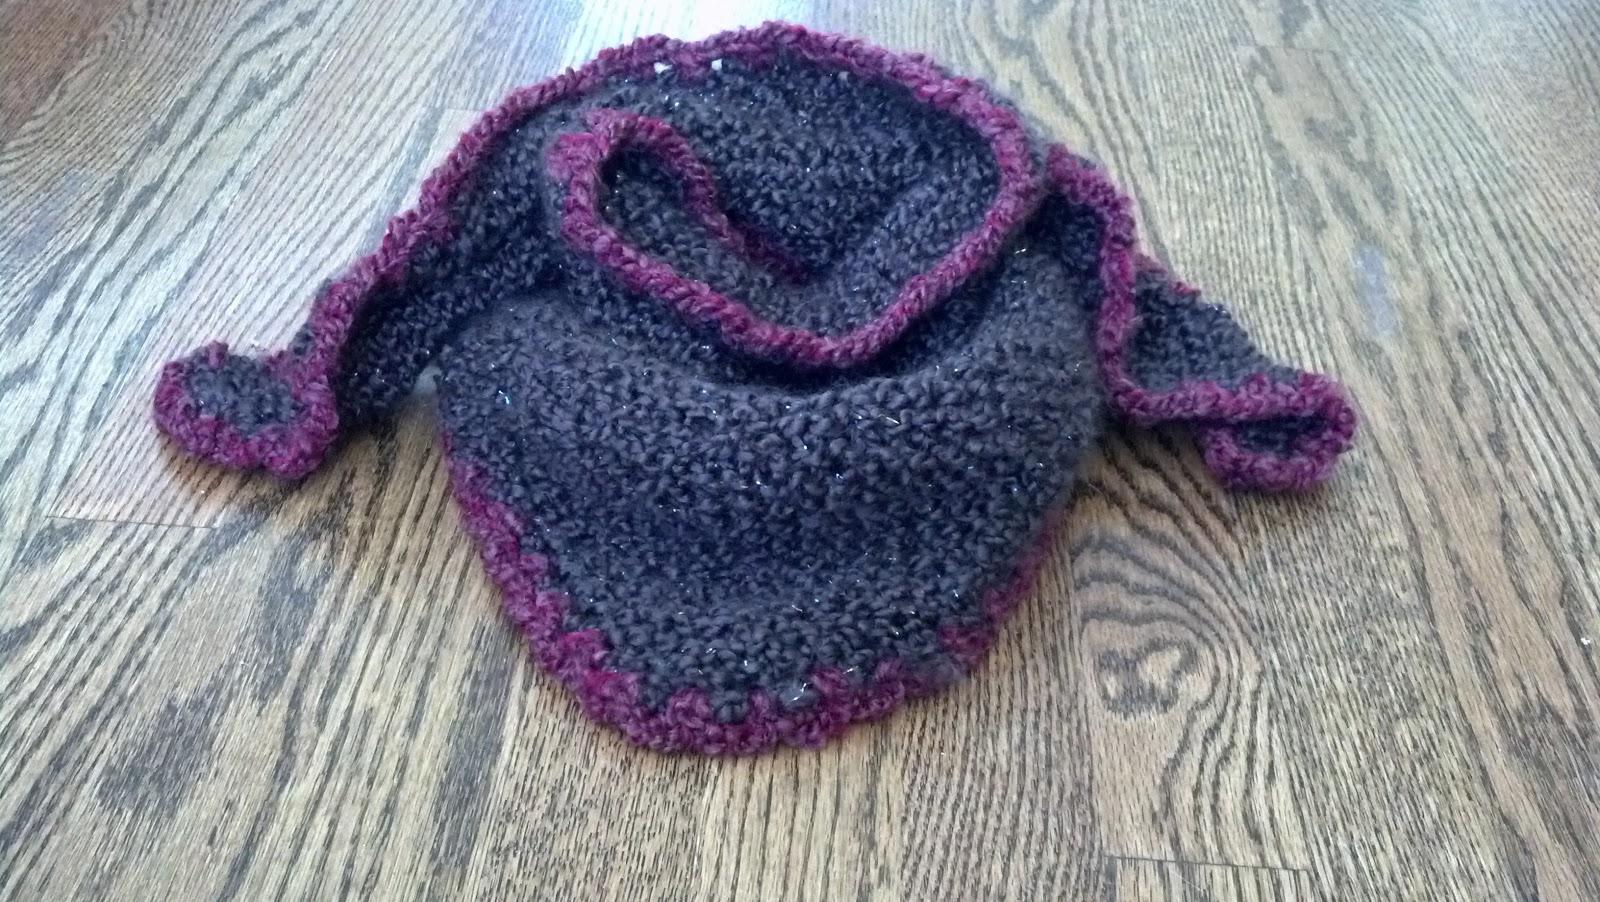 Boucle Knitting Patterns : Triangle Shawl Using Boucle Yarn Knit A Bit Crochet Away